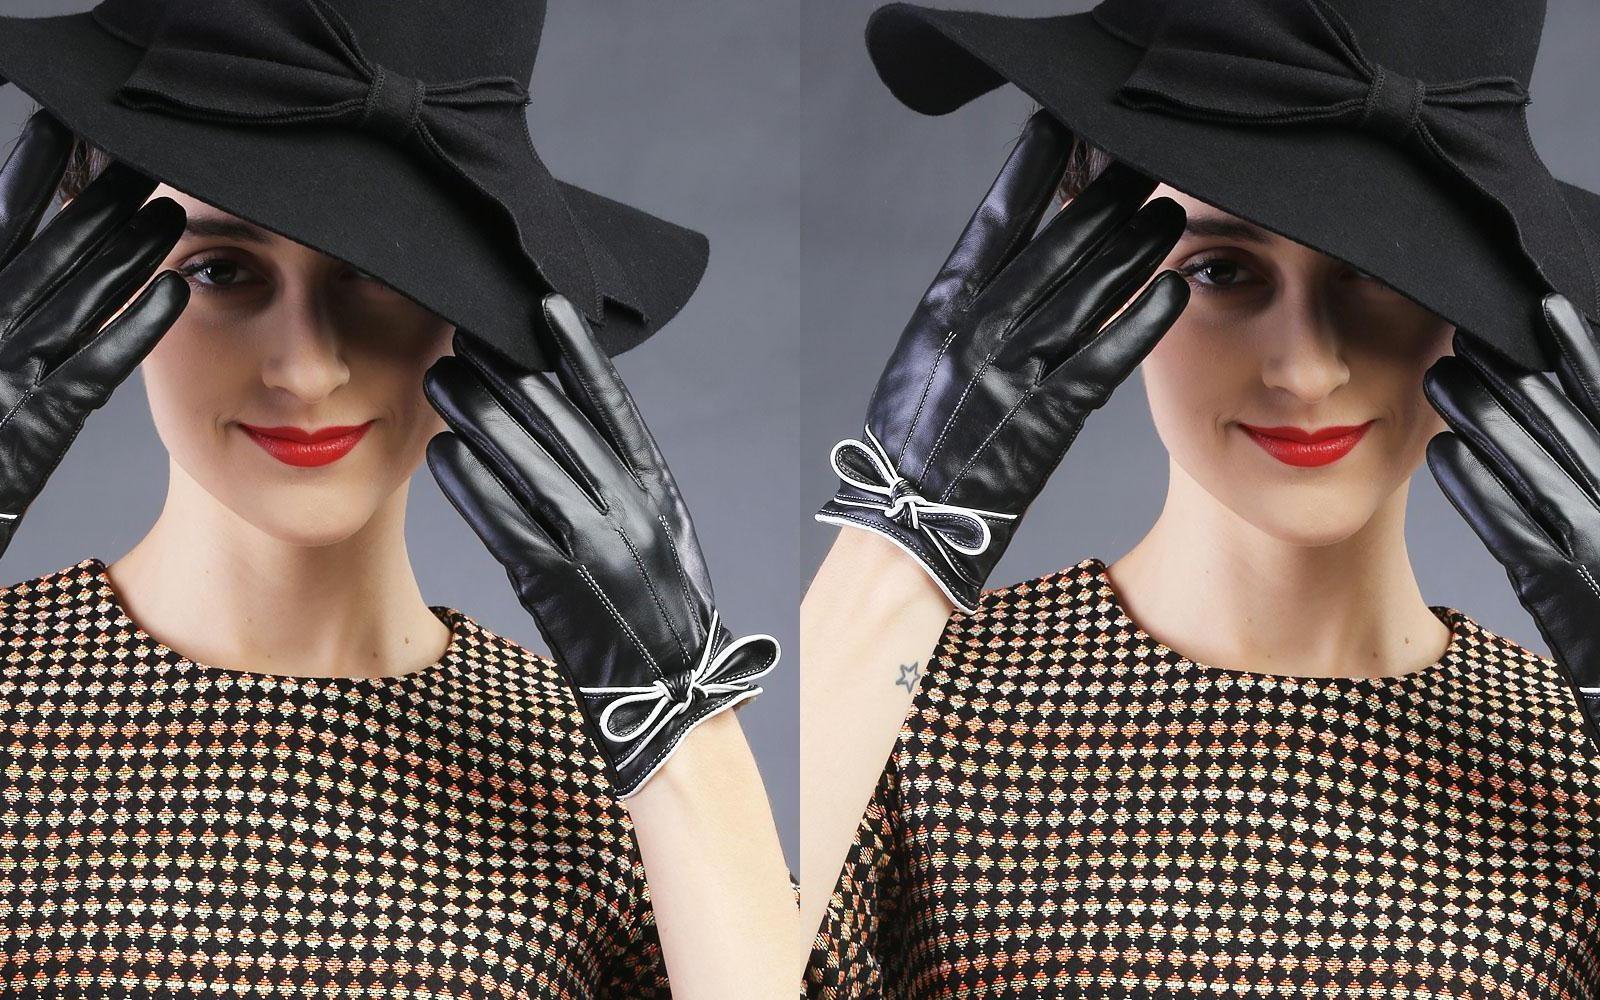 曼迪斯皮手套女冬季短时尚修手开车头层羊皮蝴蝶结女士真皮手套